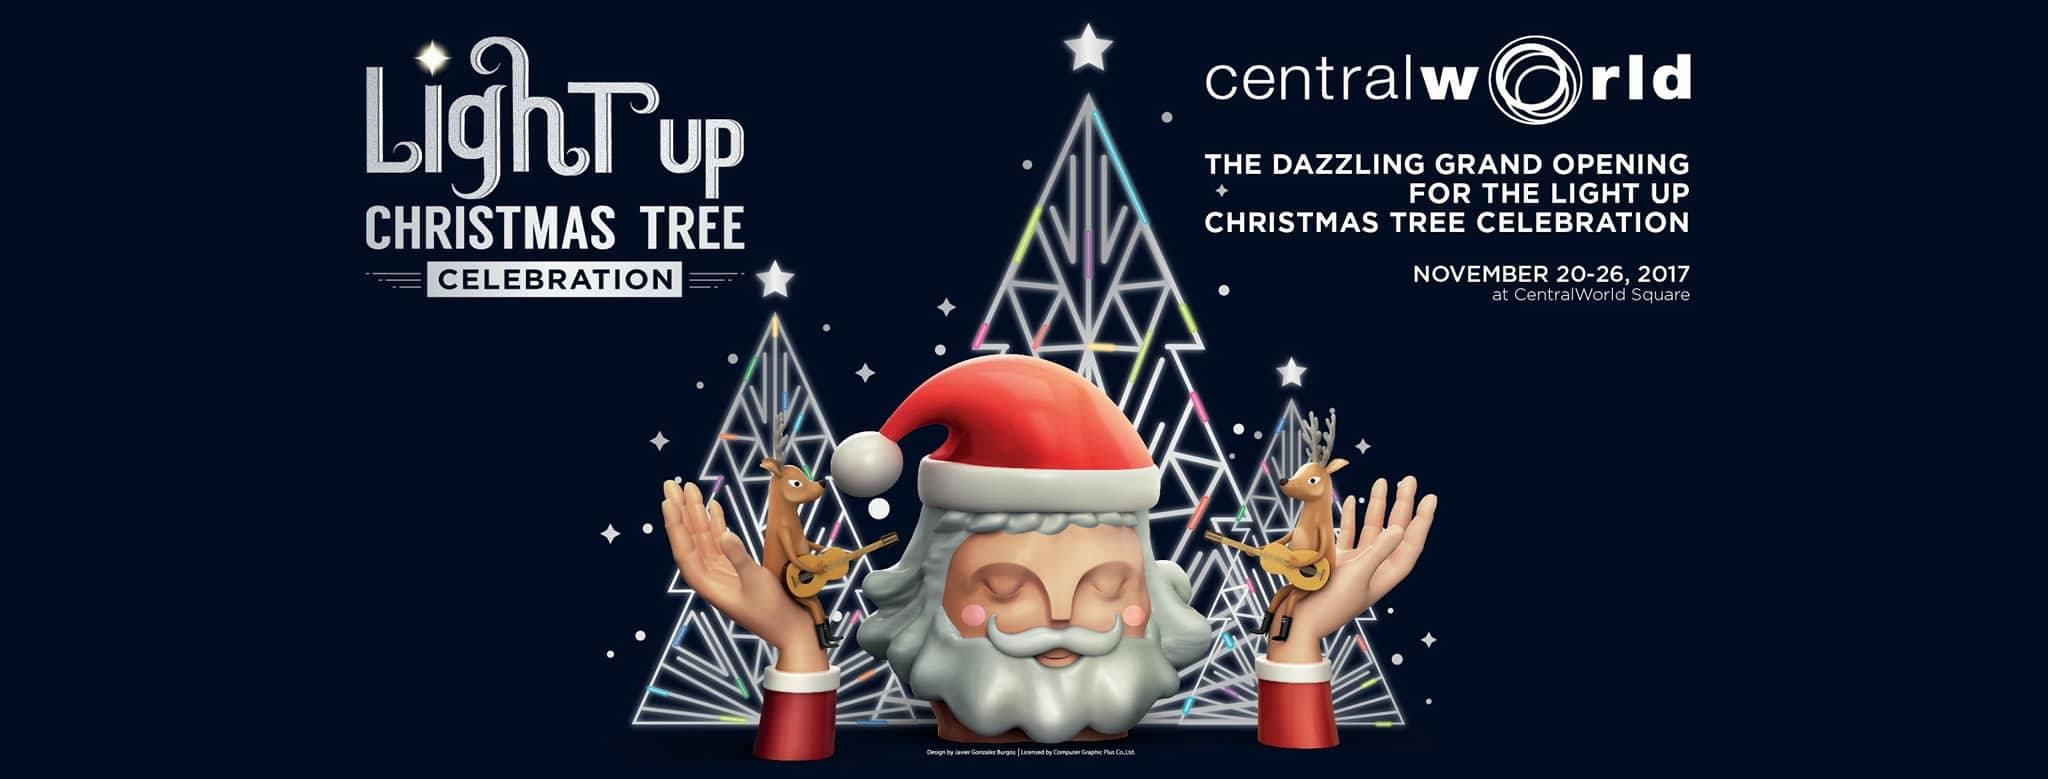 เที่ยวปีใหม่ ชมไฟคริสต์มาส 2561 (Light up Christmas tree celebration) ณ เซ็นทรัลเวิลด์ กรุงเทพฯ